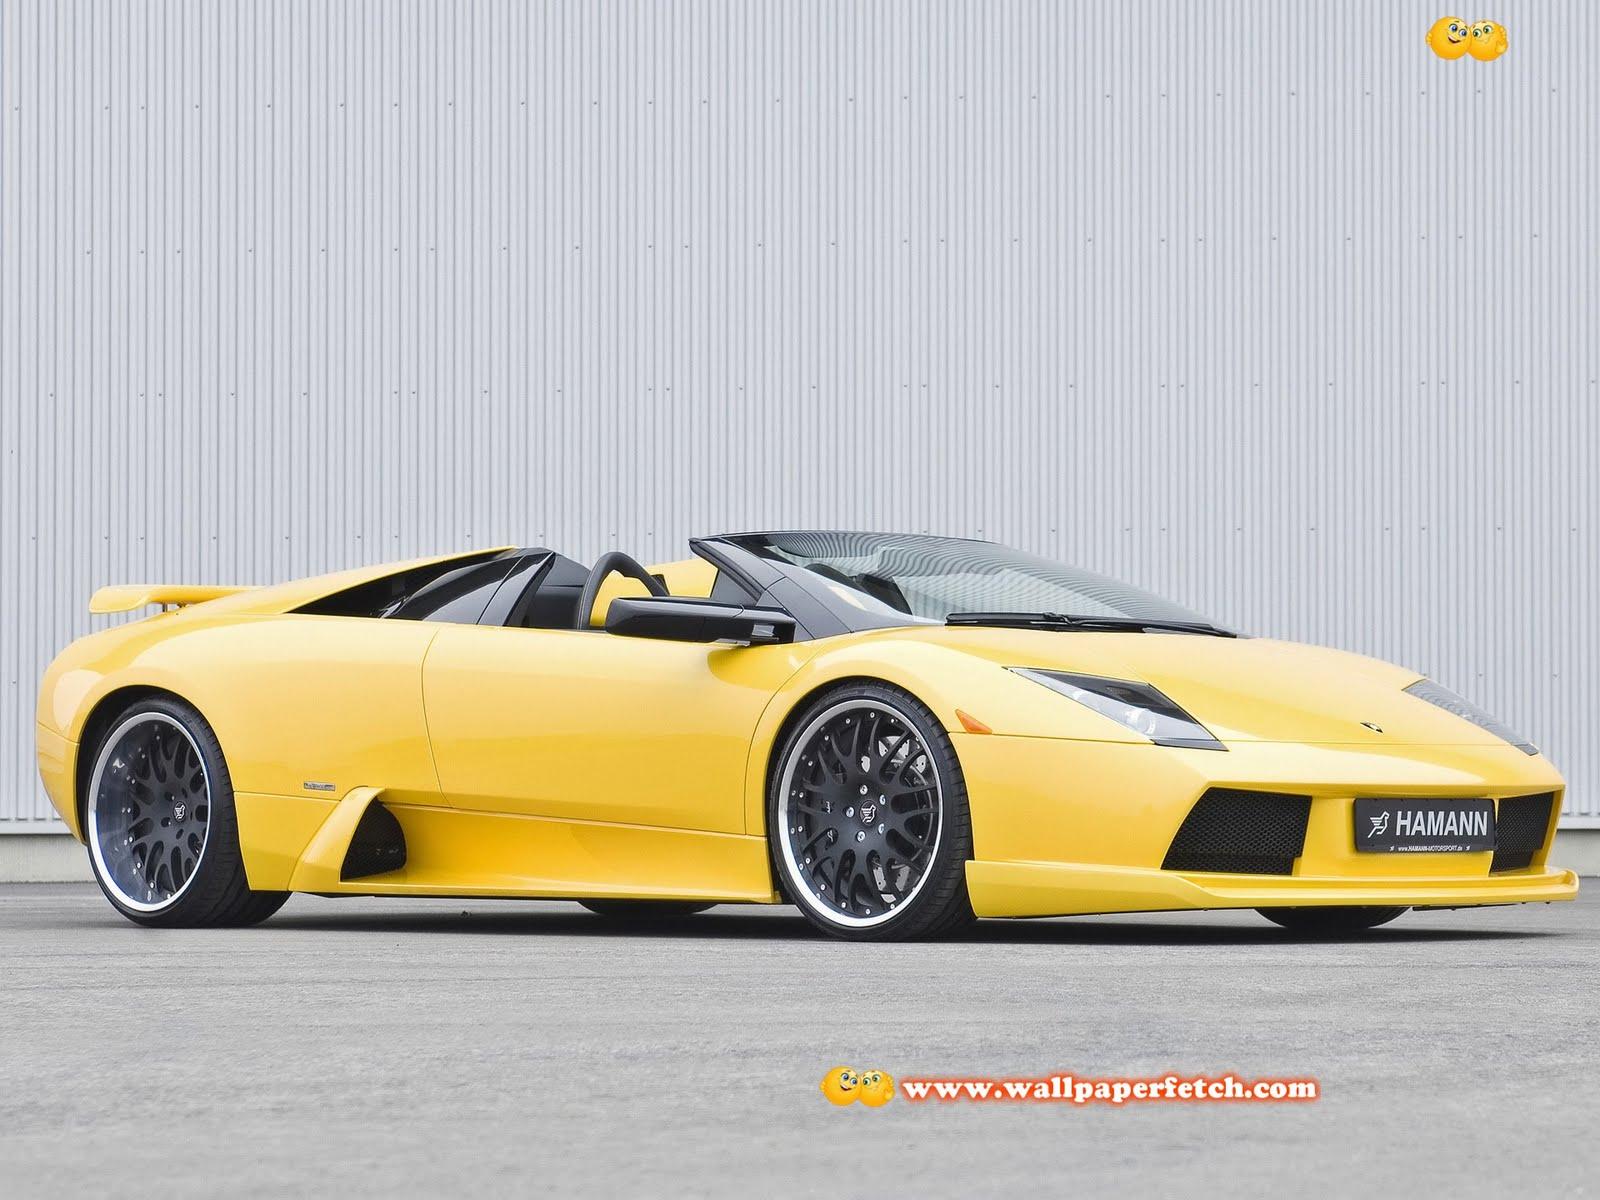 http://4.bp.blogspot.com/-UbAT1guomhI/TptS8MP2J8I/AAAAAAAAIf8/zr7U1buH-oE/s1600/Lamborghini%2BMurcielago%2BHamann%2B2007%2B10.jpg